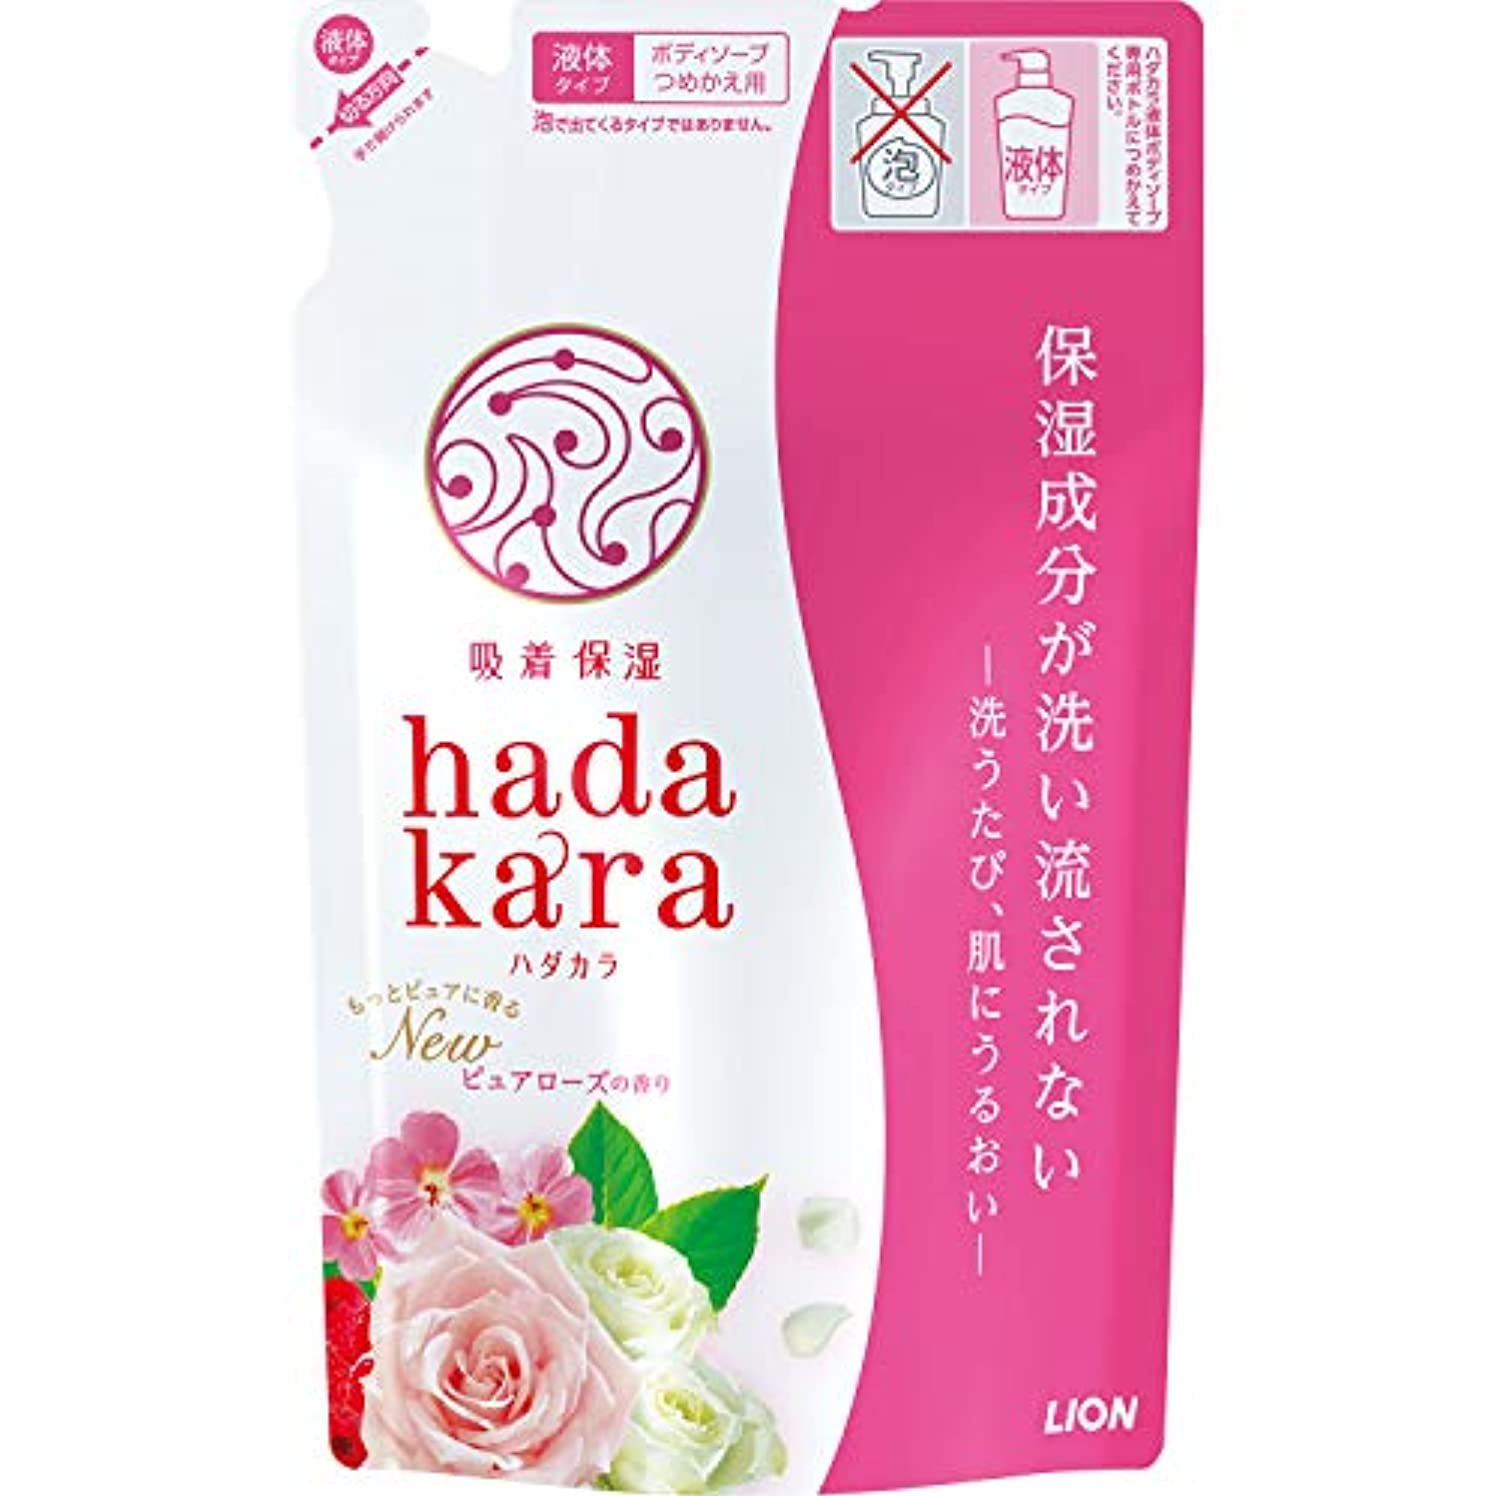 モーテル大気狂人hadakara(ハダカラ) ボディソープ ピュアローズの香り 詰め替え 360ml